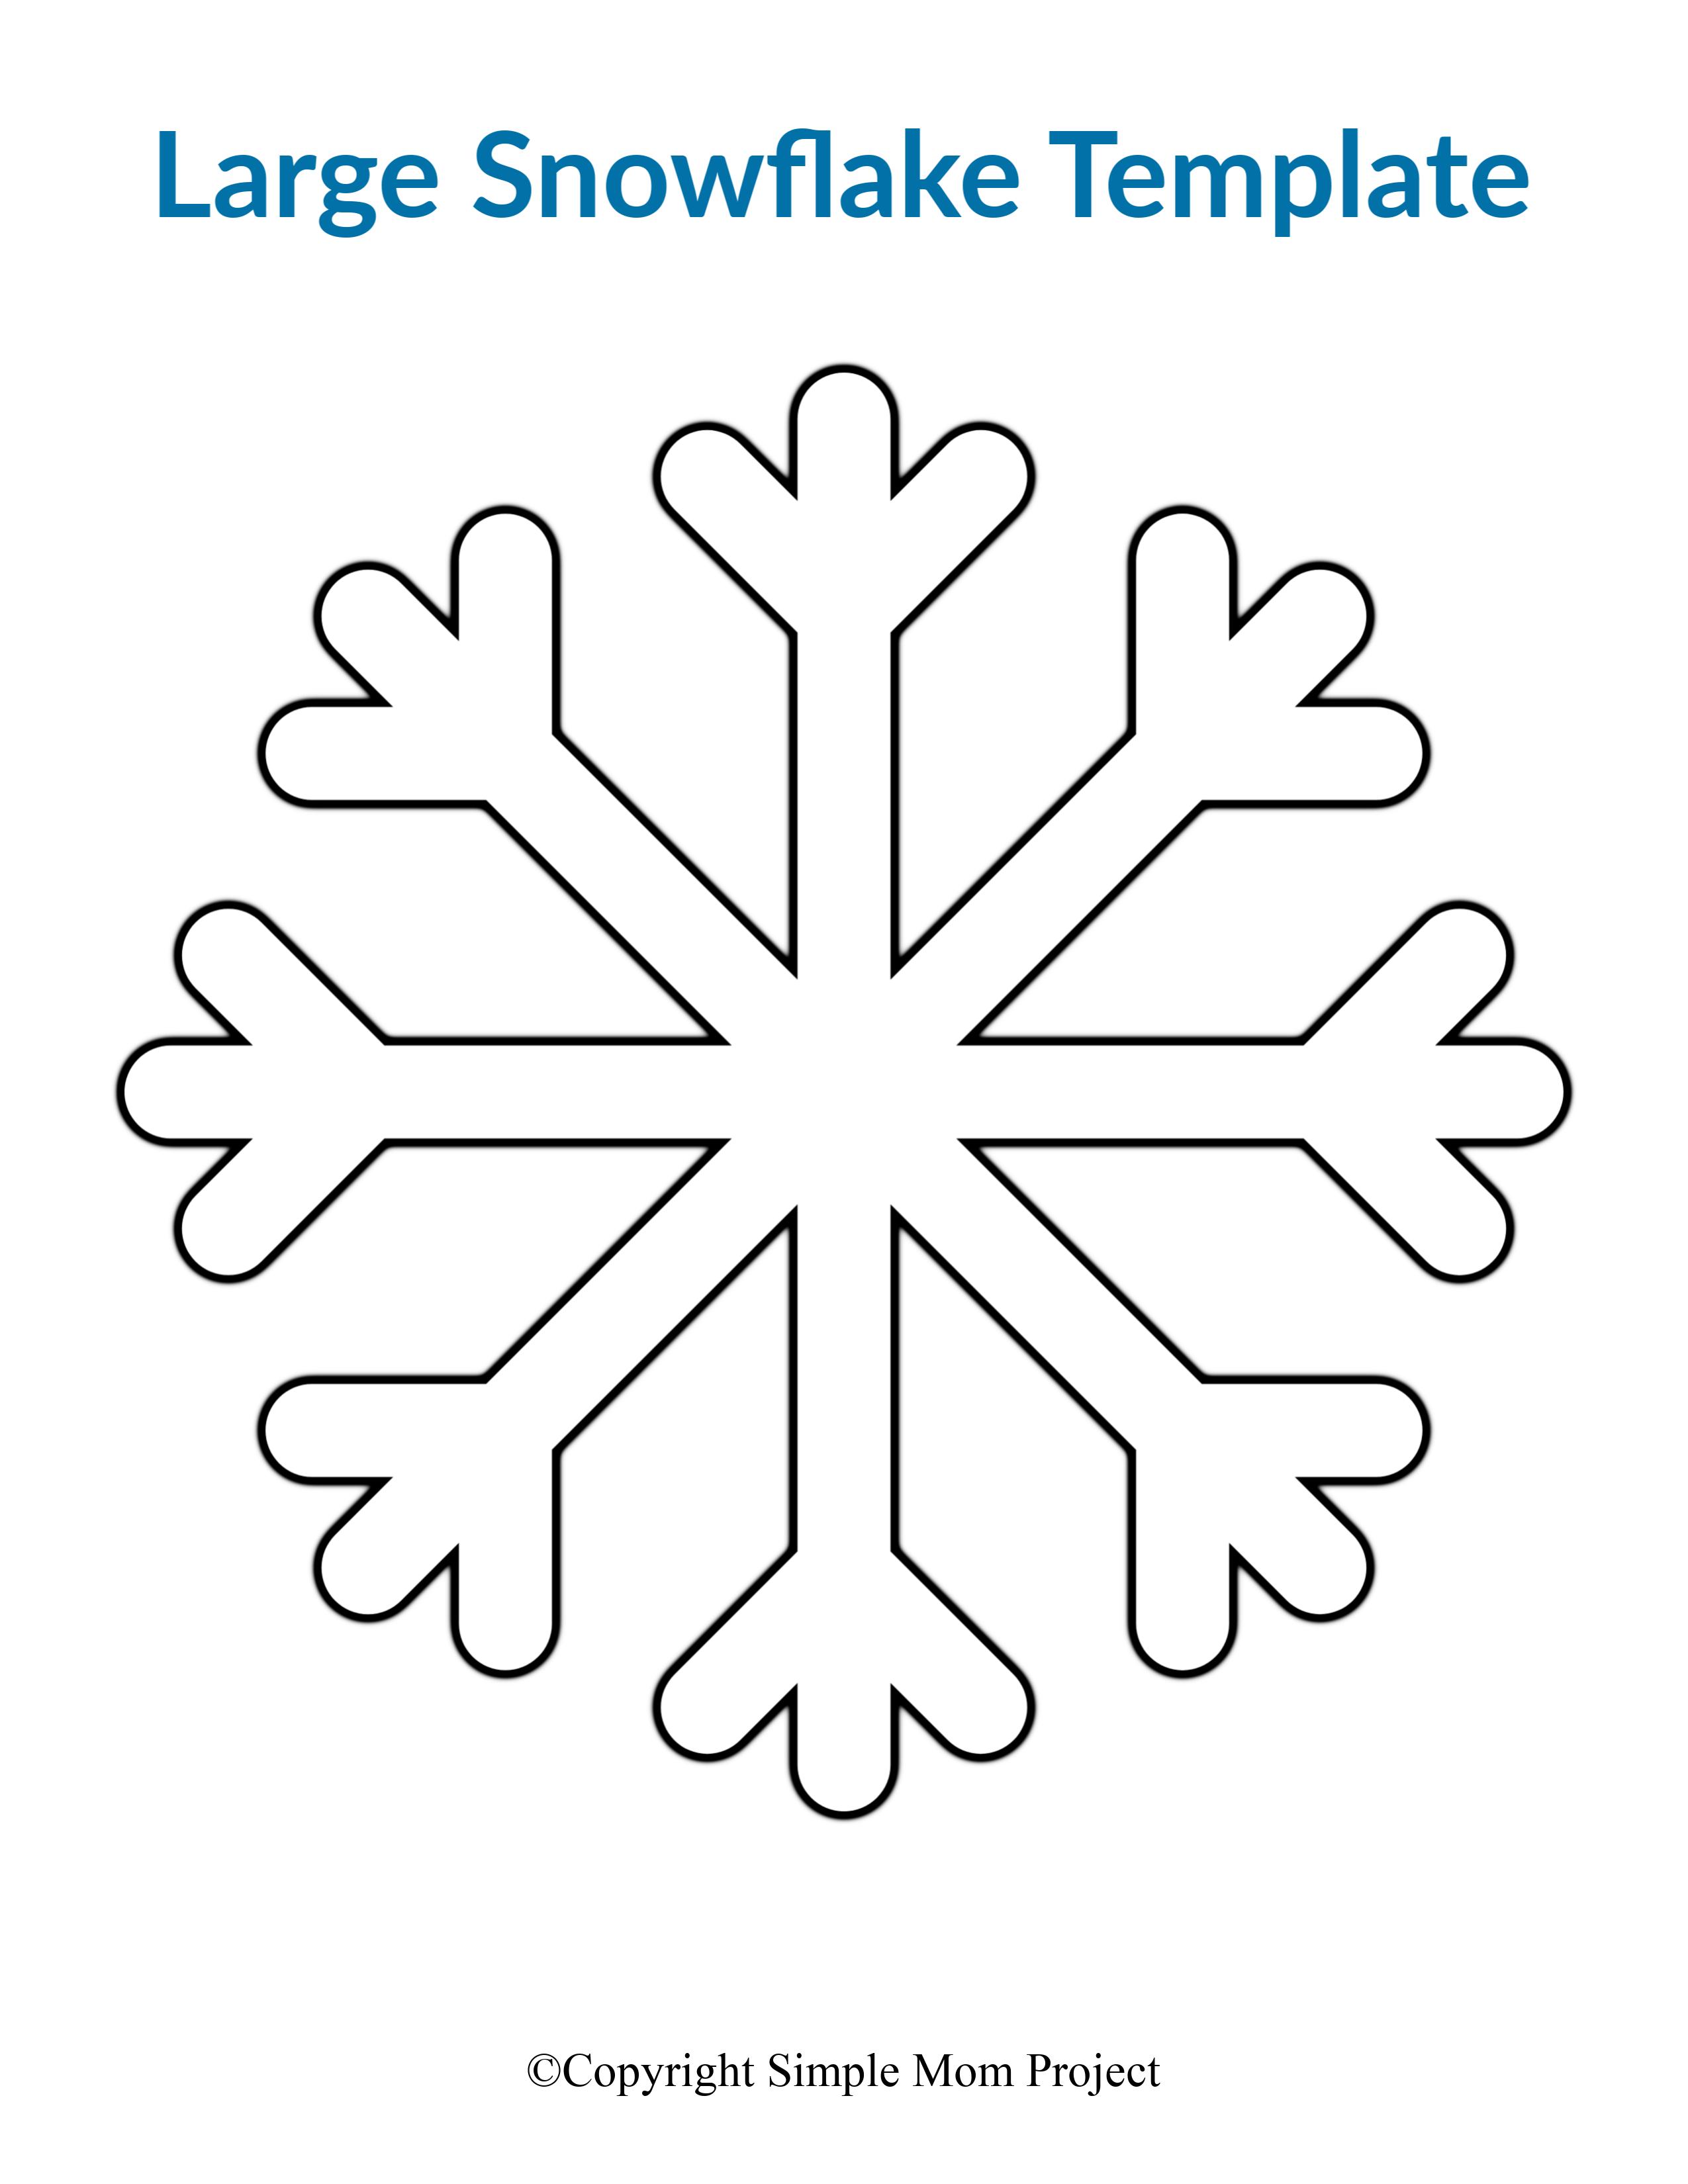 8 Free Printable Large Snowflake Templates Simple Mom Project In 2020 Snowflake Template Simple Snowflake Paper Snowflake Patterns